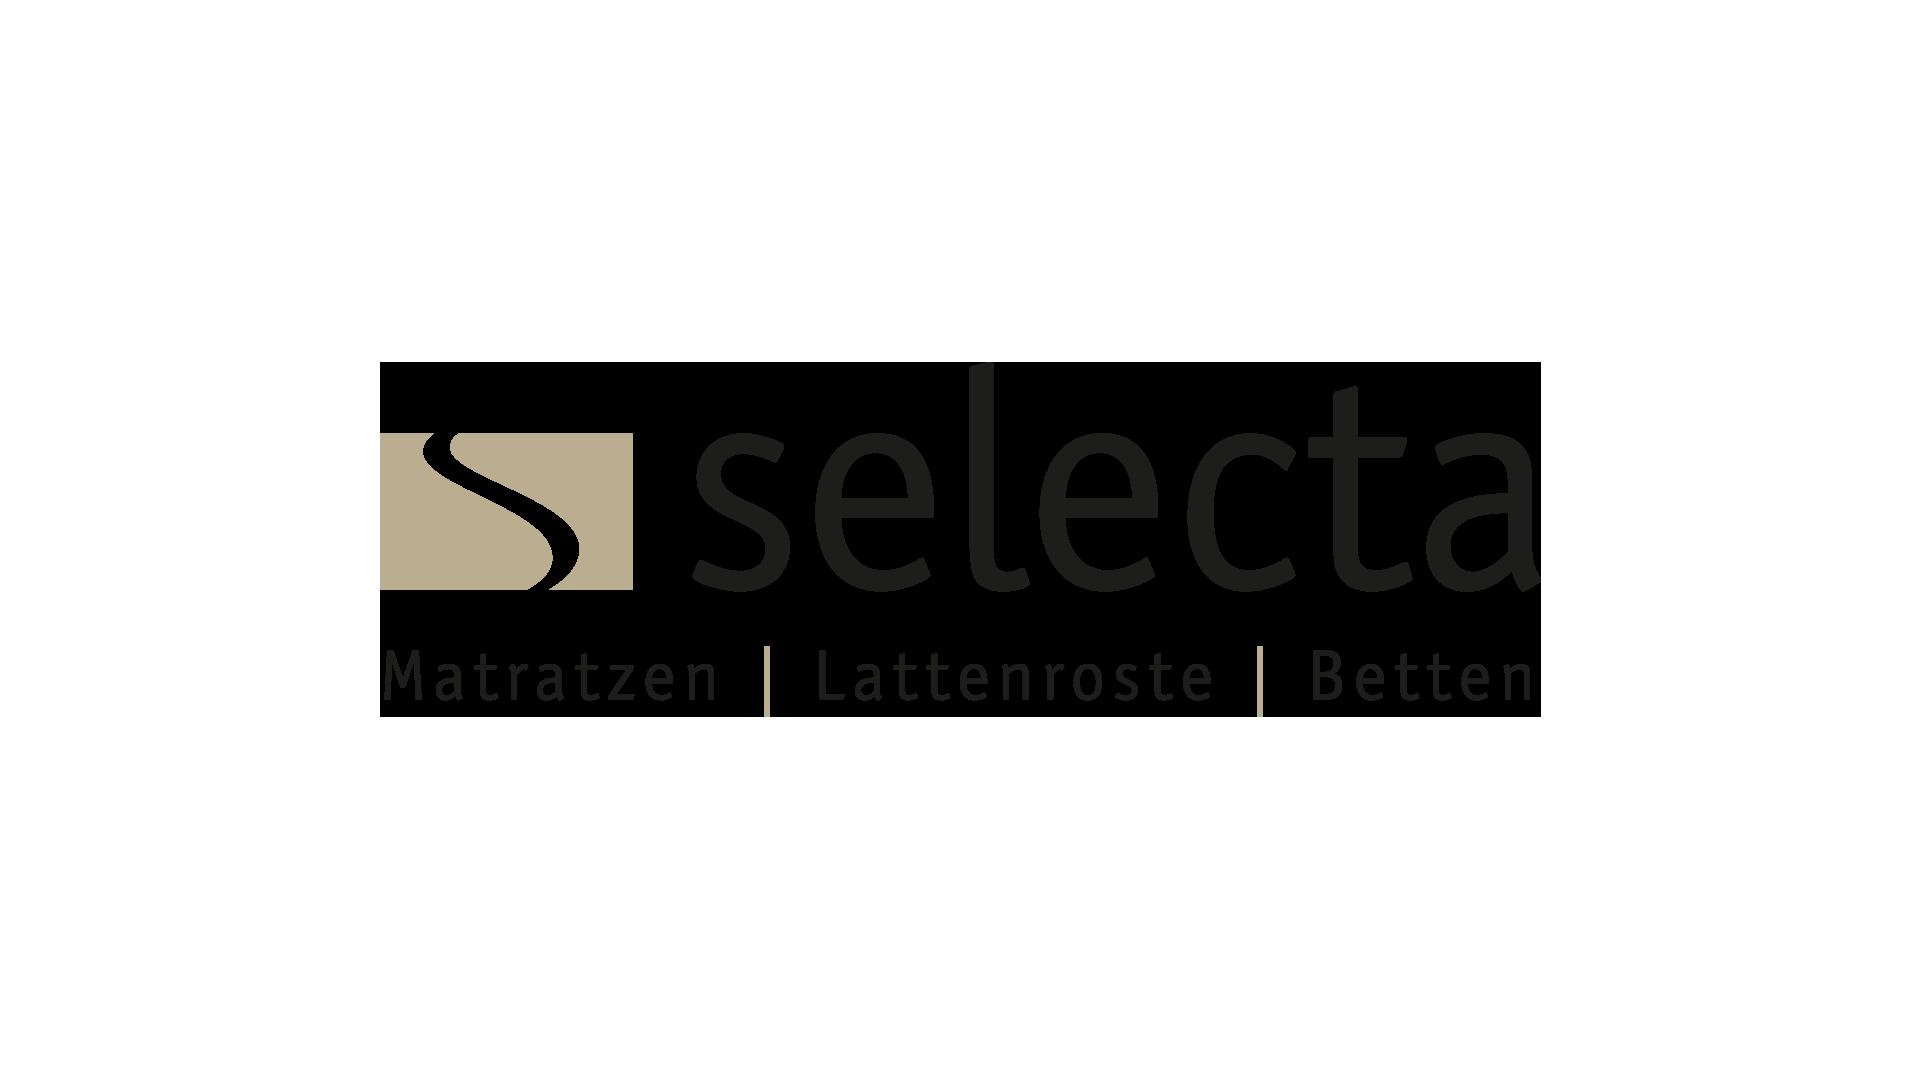 Selecta Matratzen